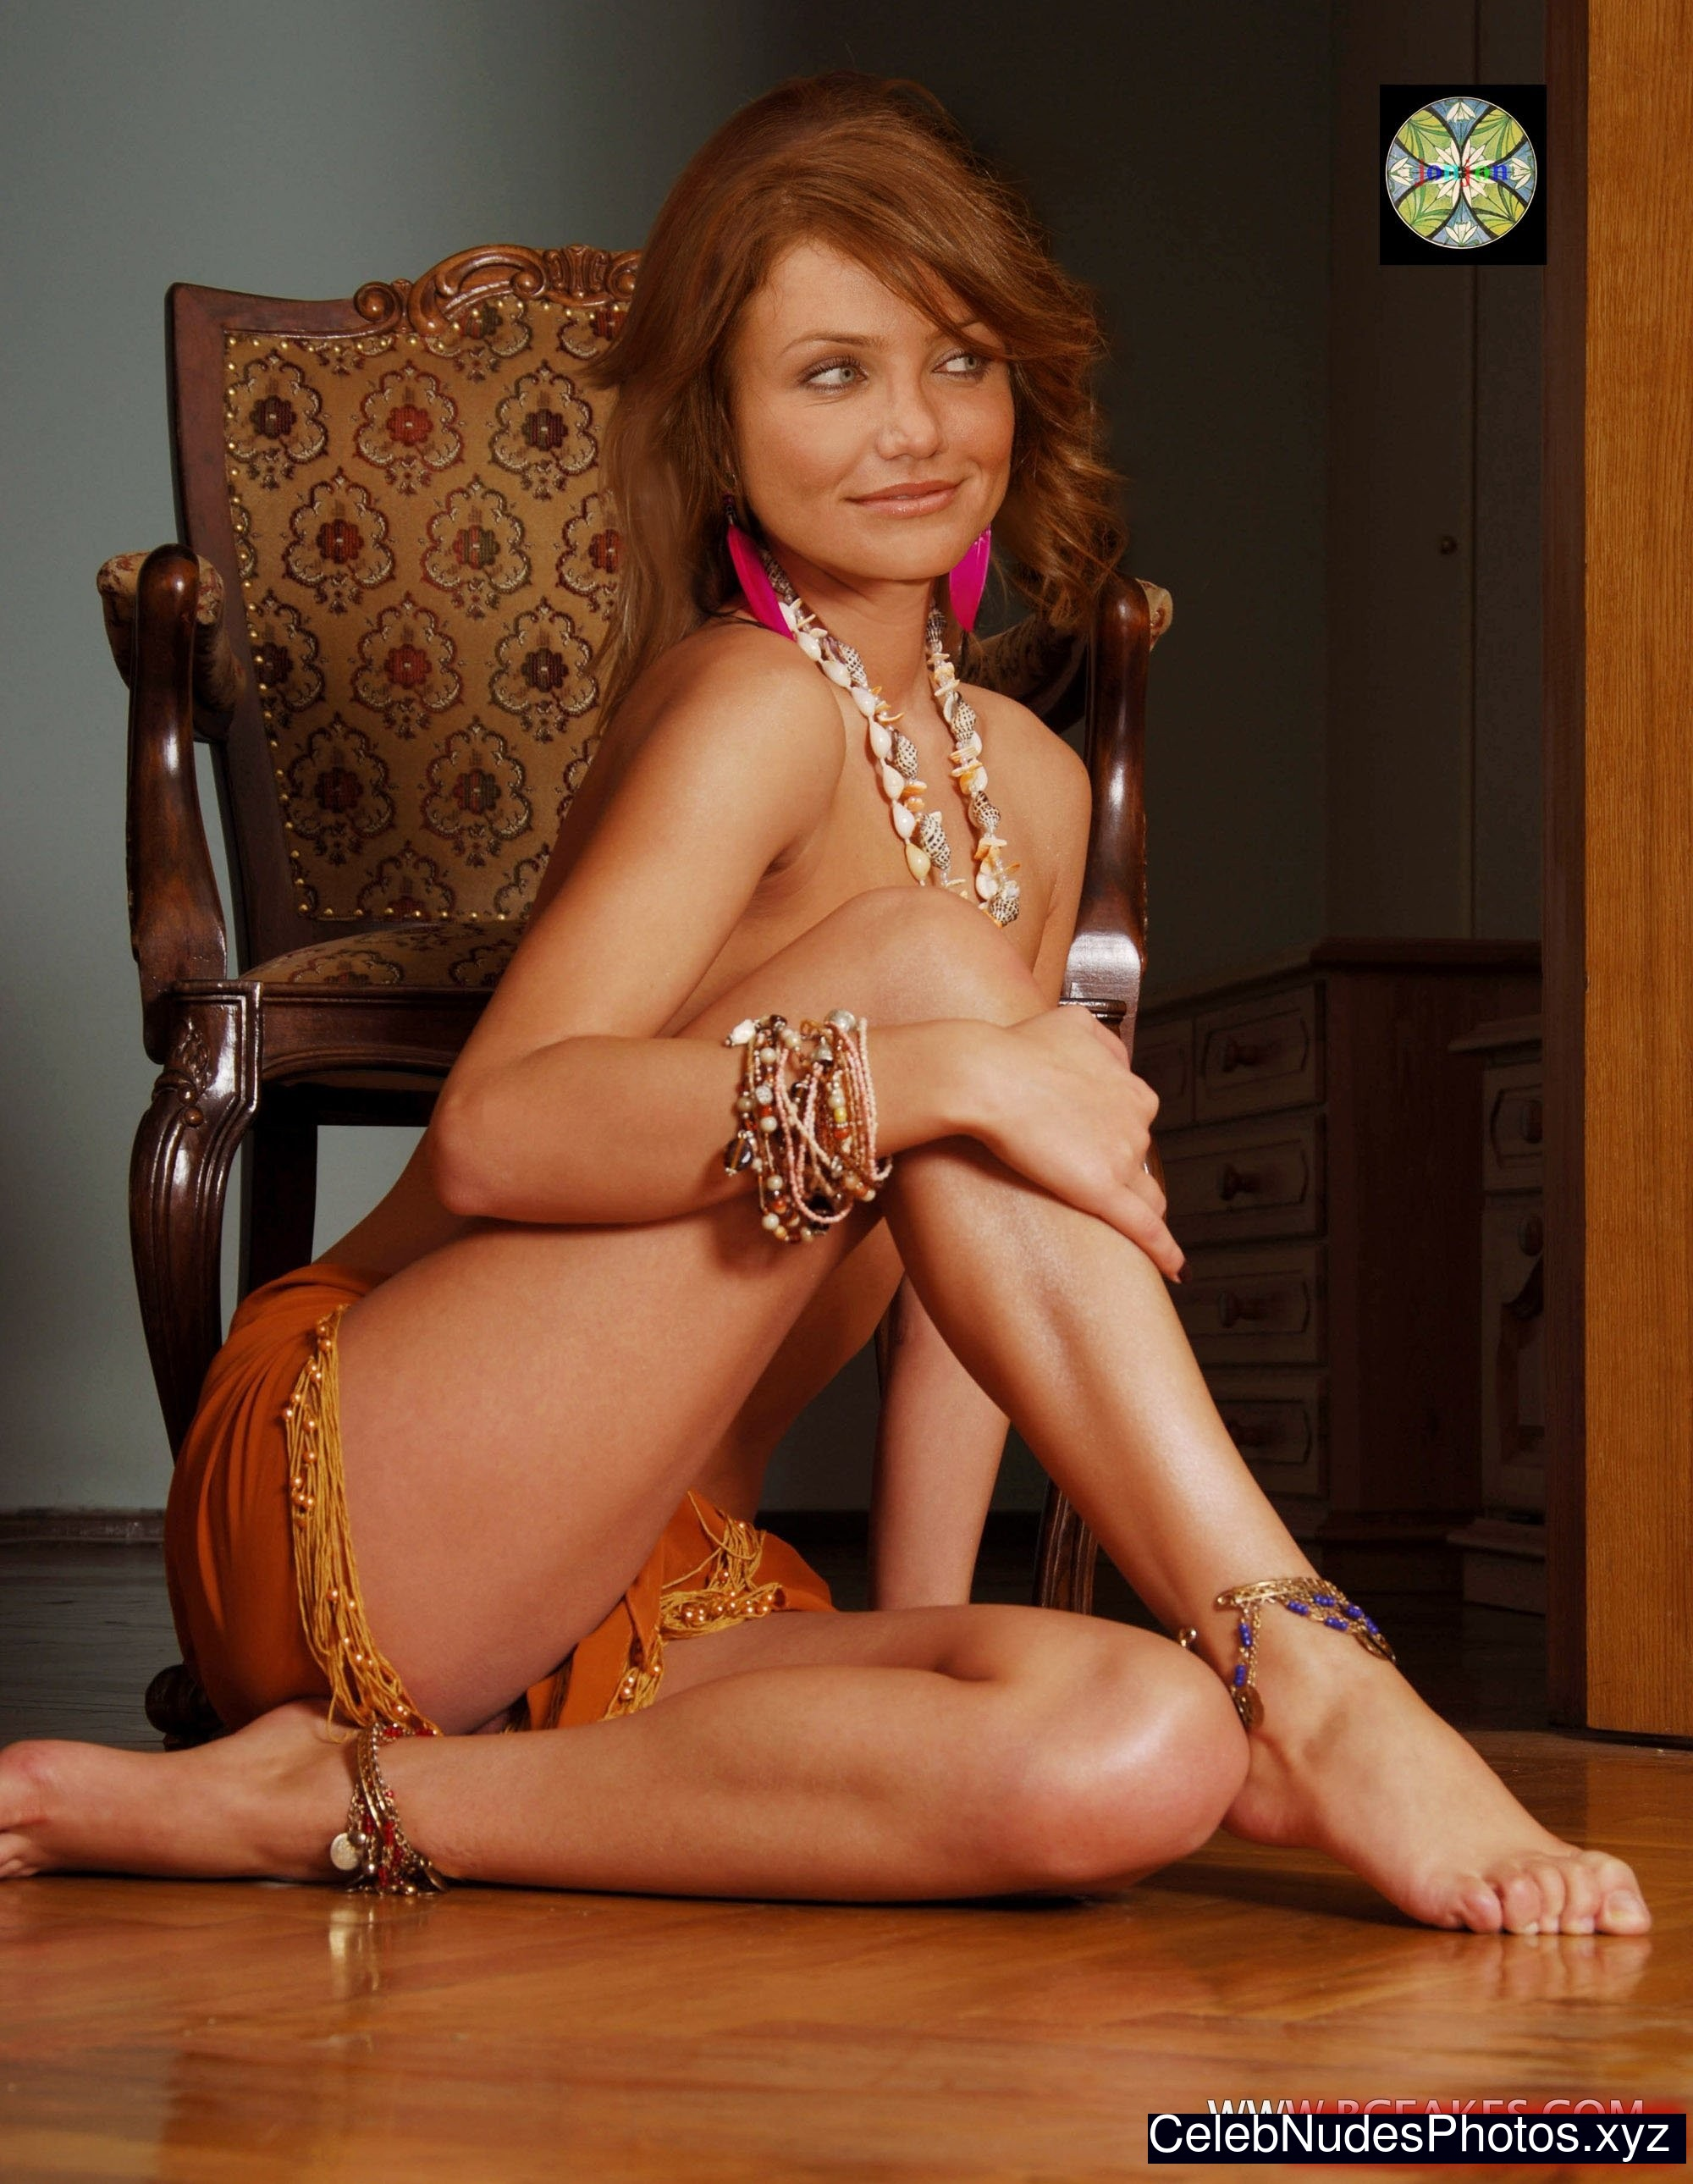 cameron diaz nude using a dildo